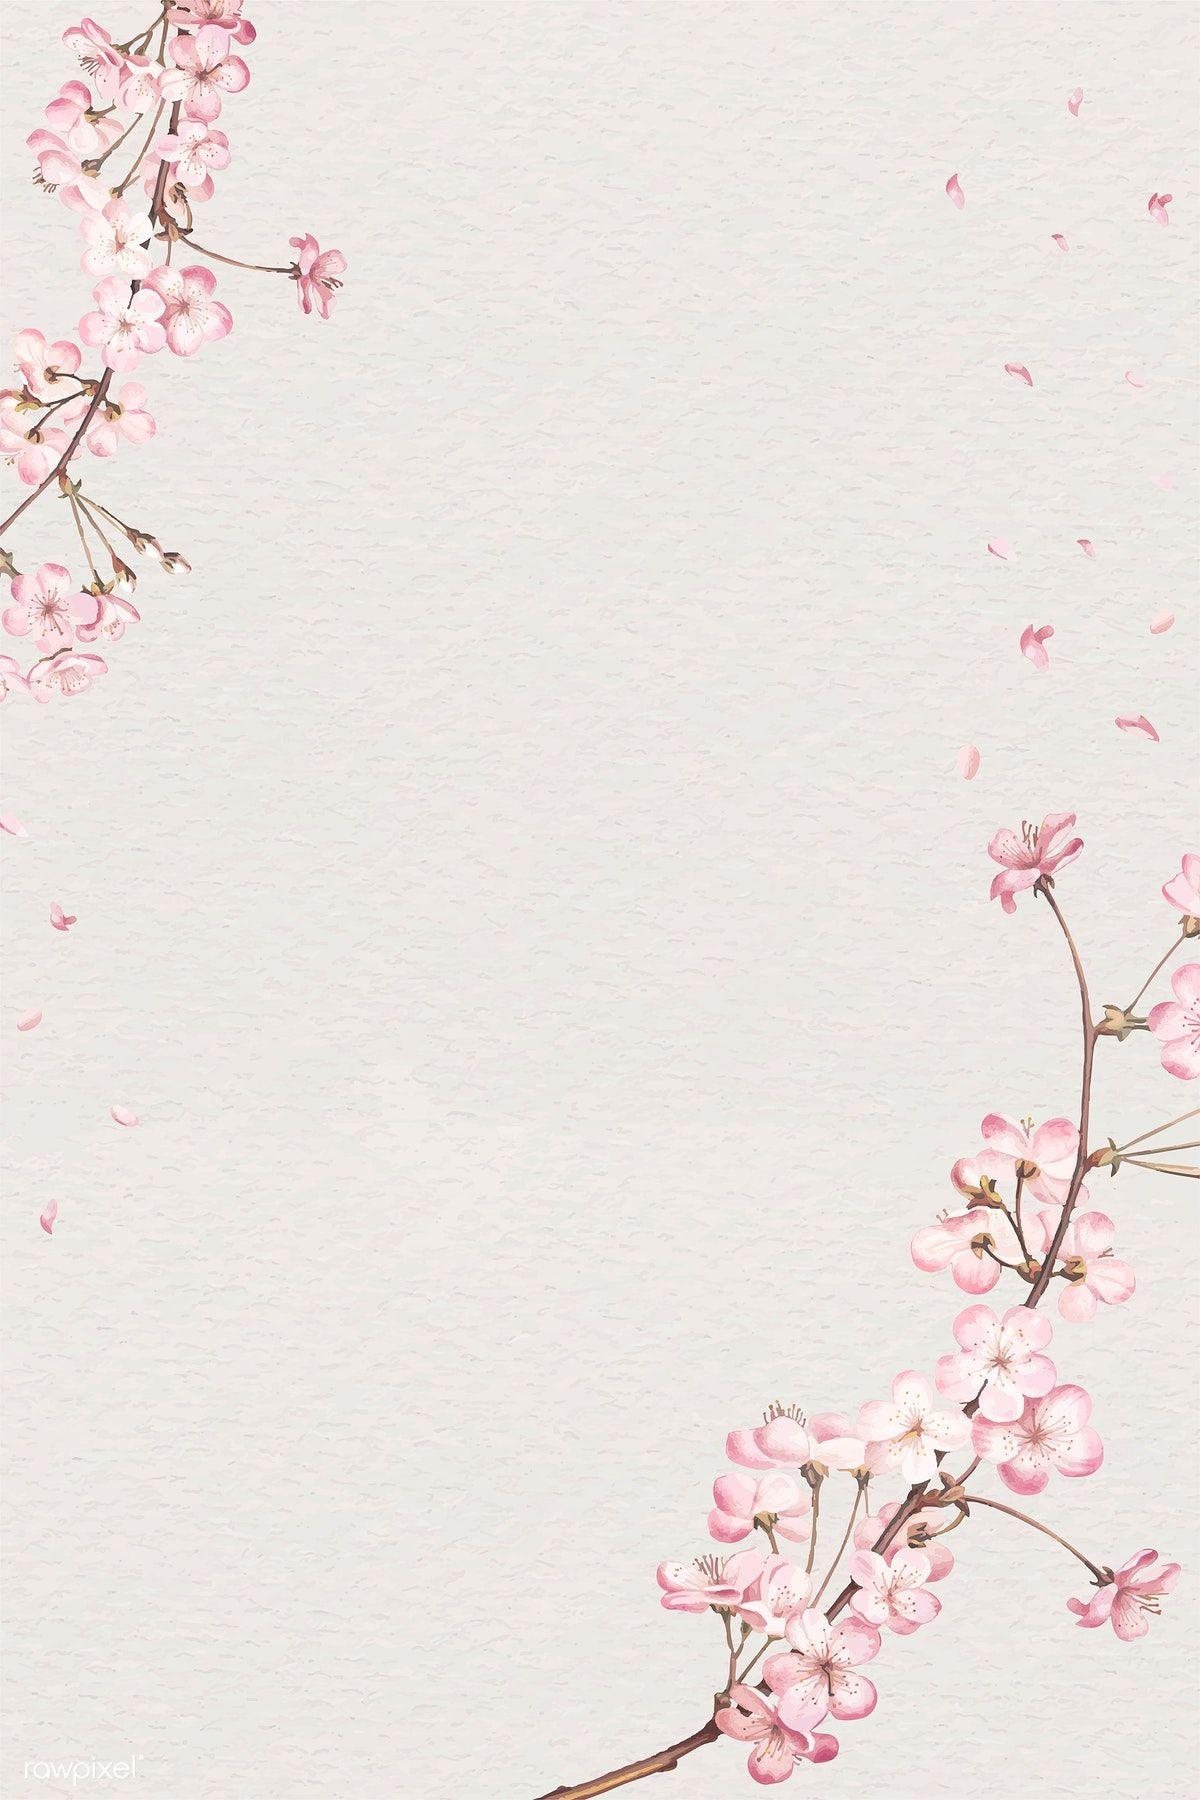 Download Premium Vector Of Blank Pink Floral Card Illustration 894151 Flower Iphone Wallpaper Floral Cards Flower Frame